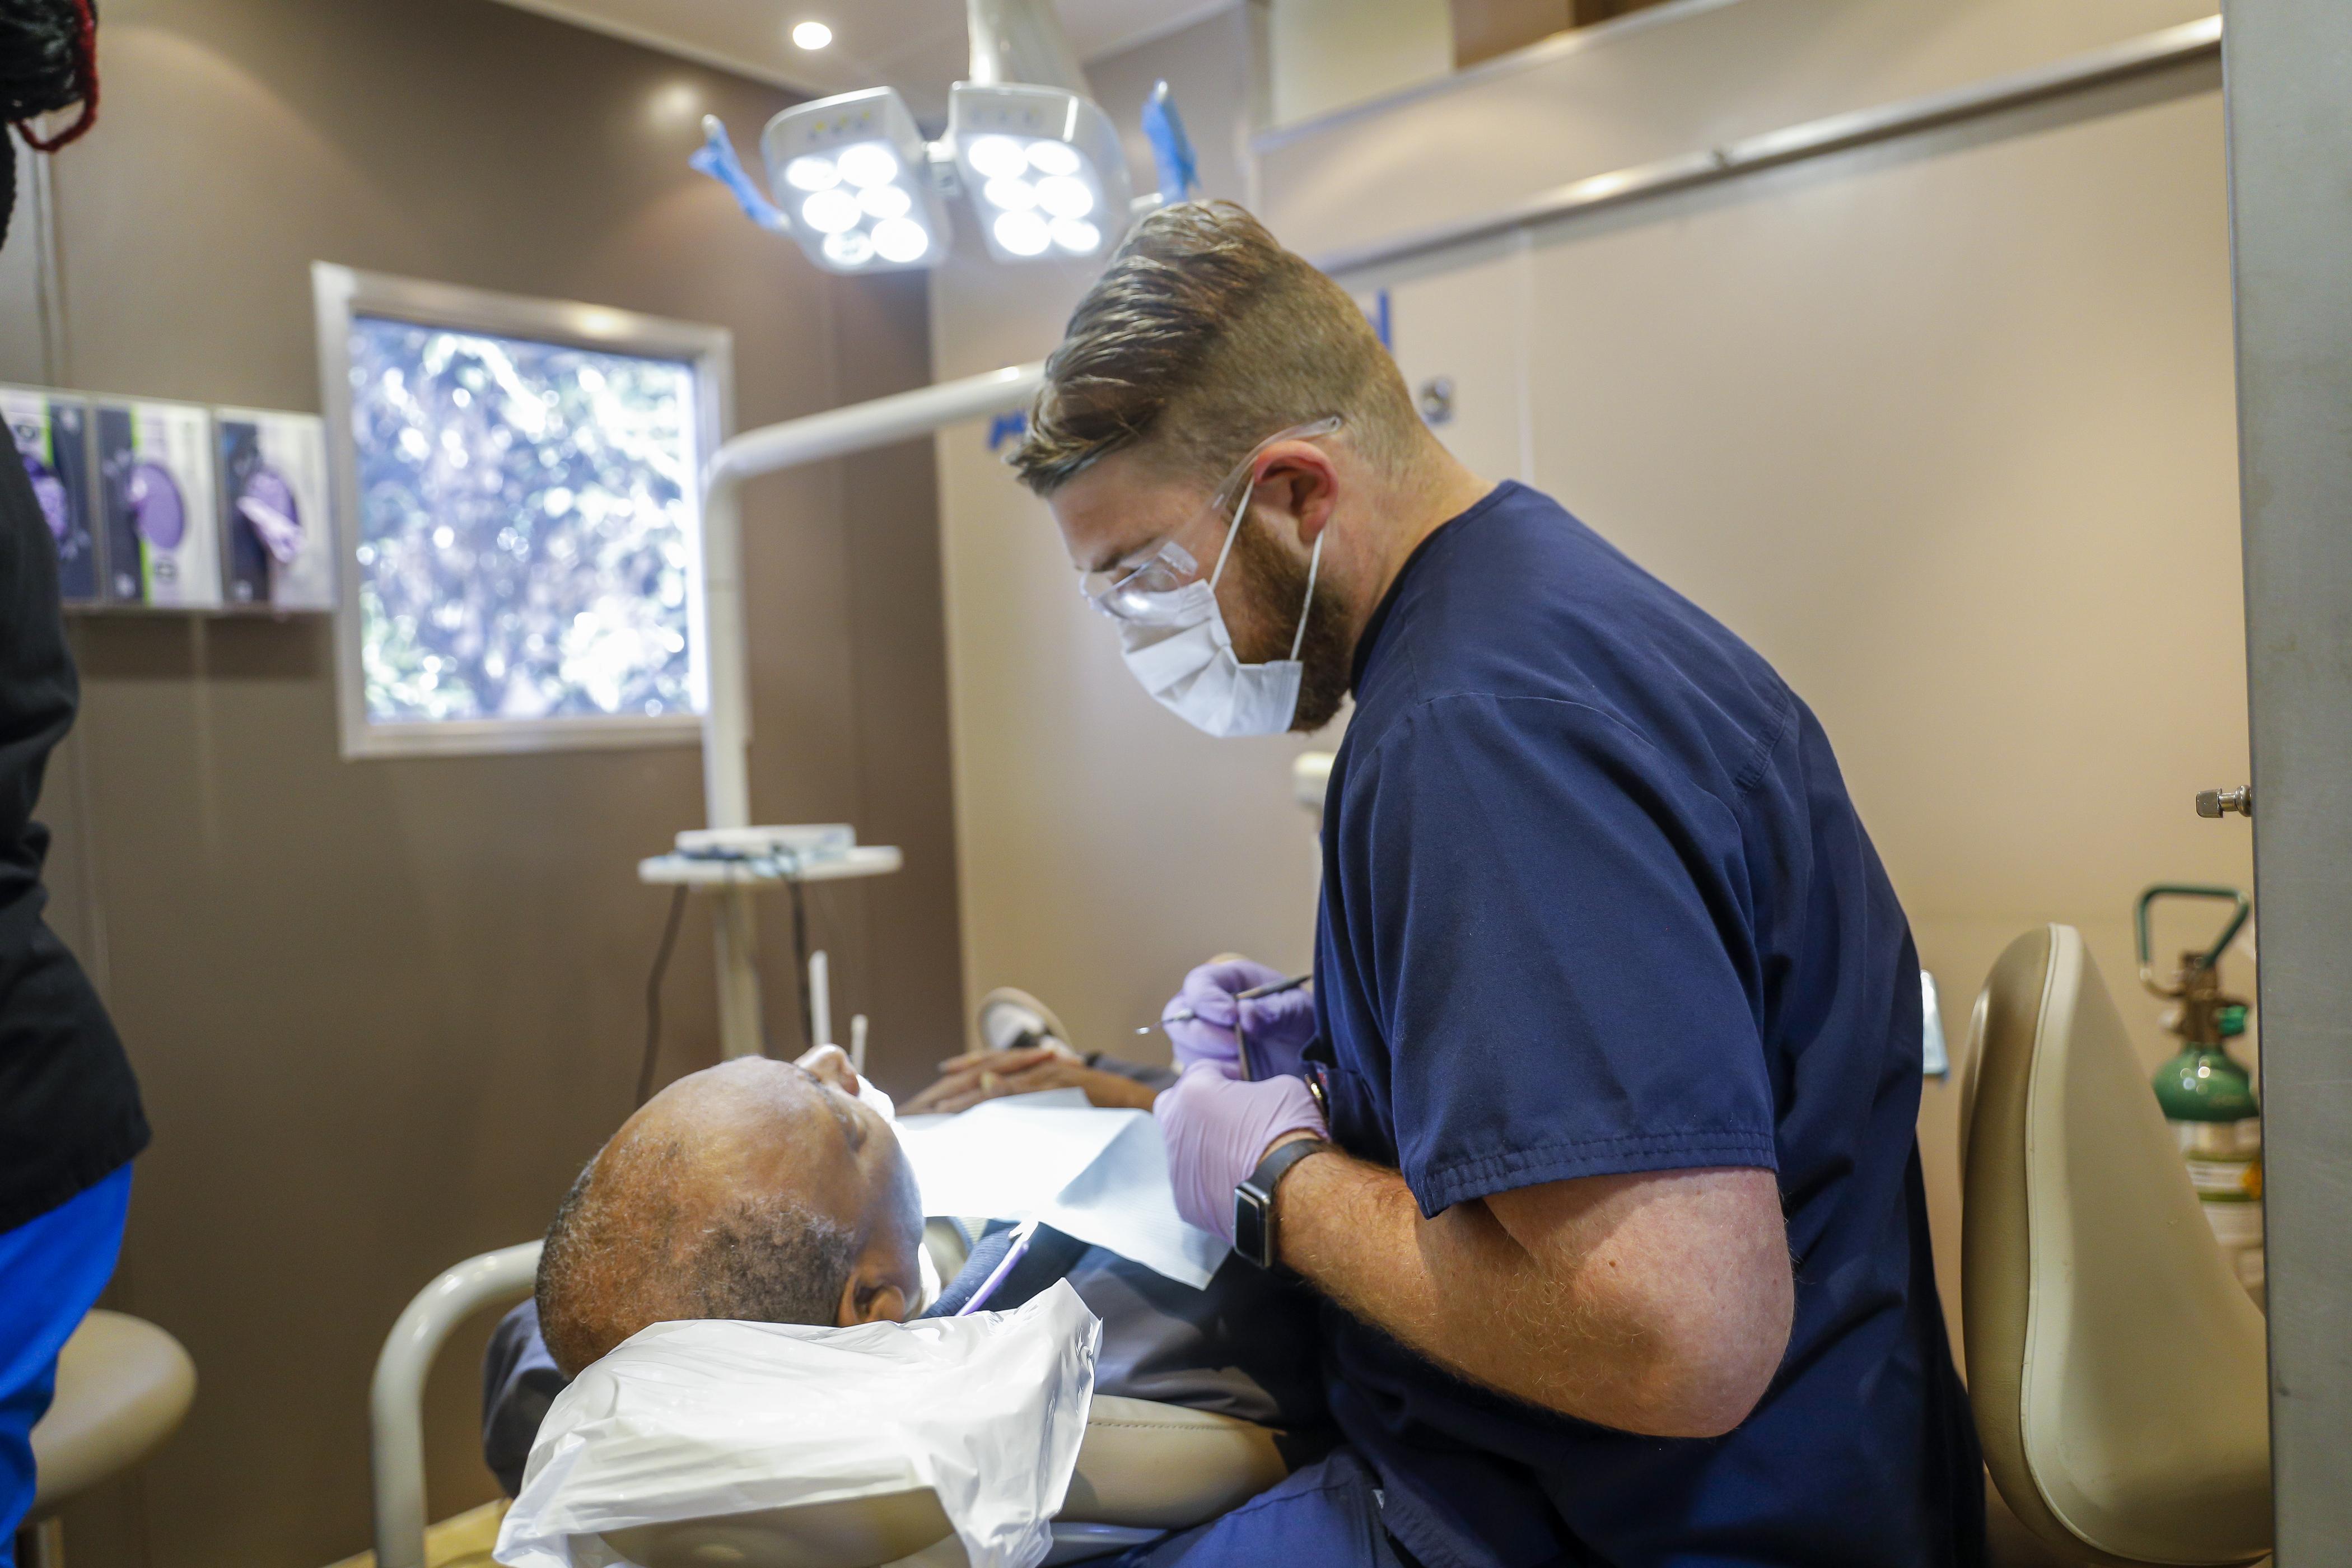 aspen dental staff in ppe overseeing elderly male patient